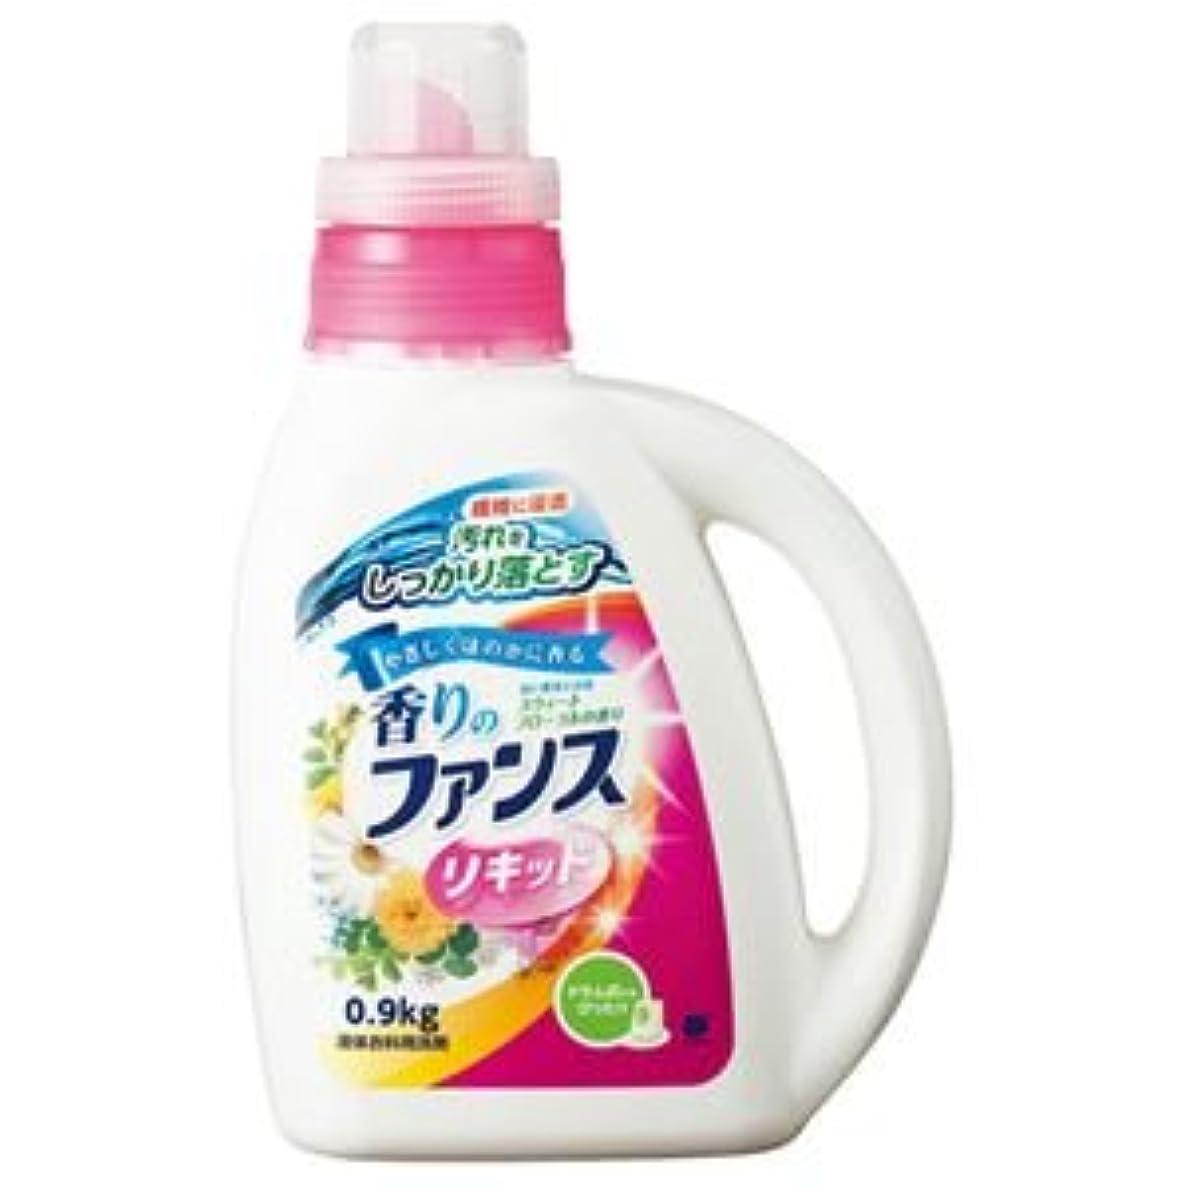 候補者ポールレトルト(まとめ) 第一石鹸 香りのファンス 液体衣料用洗剤リキッド 本体 0.9kg 1本 【×10セット】